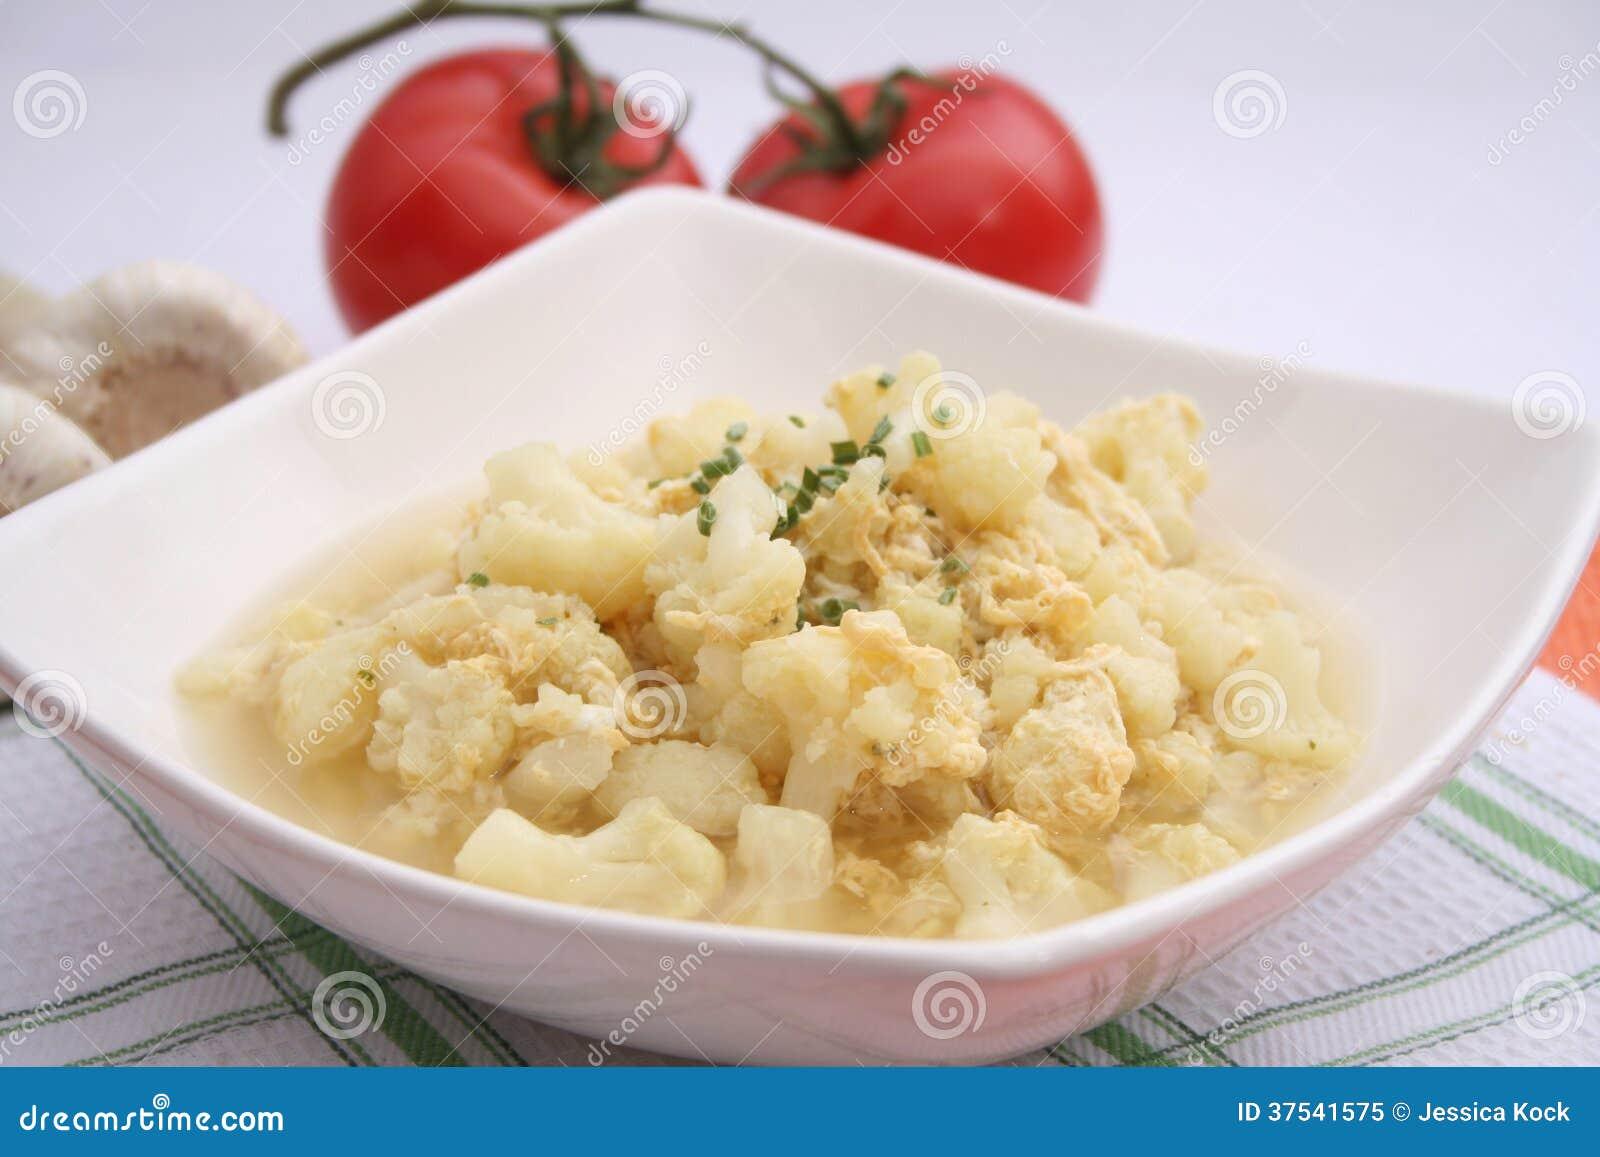 花椰菜炖煮的食物